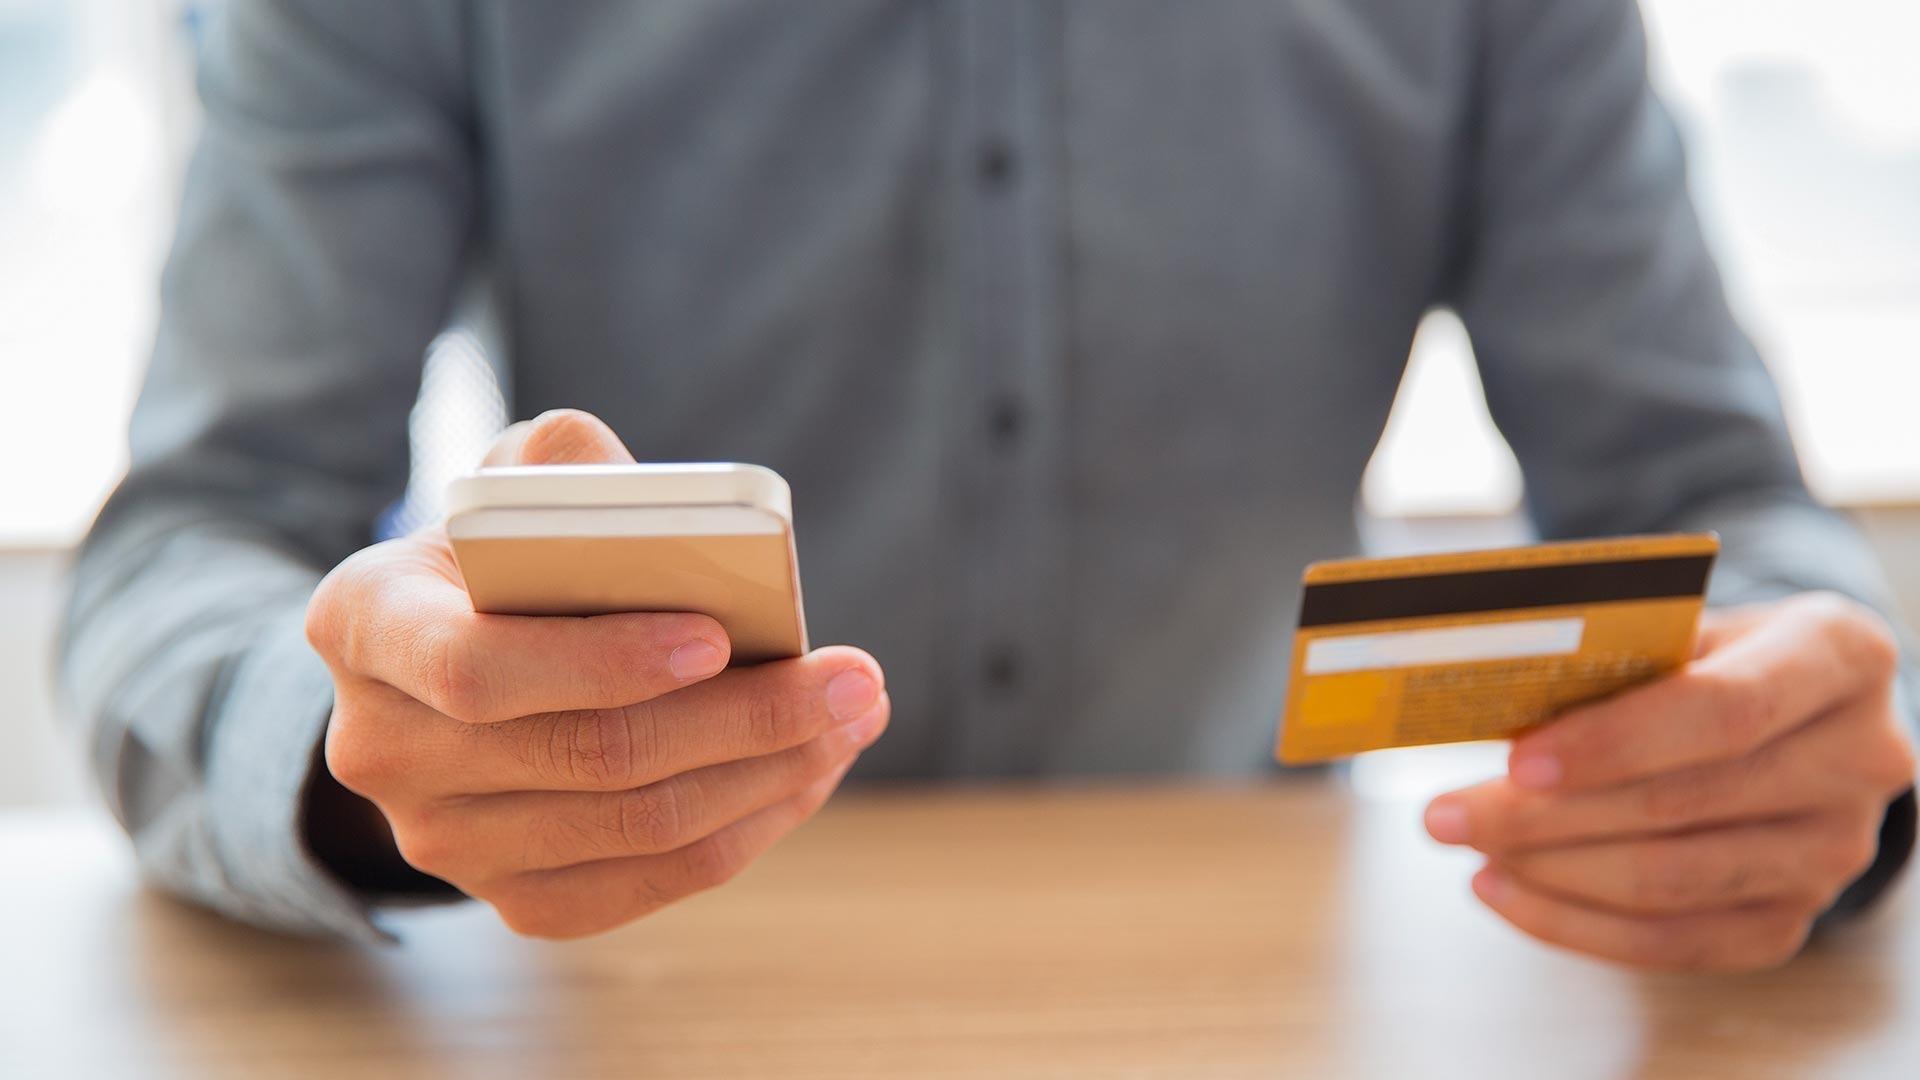 immagine blog E-commerce e App: l'importanza dell'omnicanalità